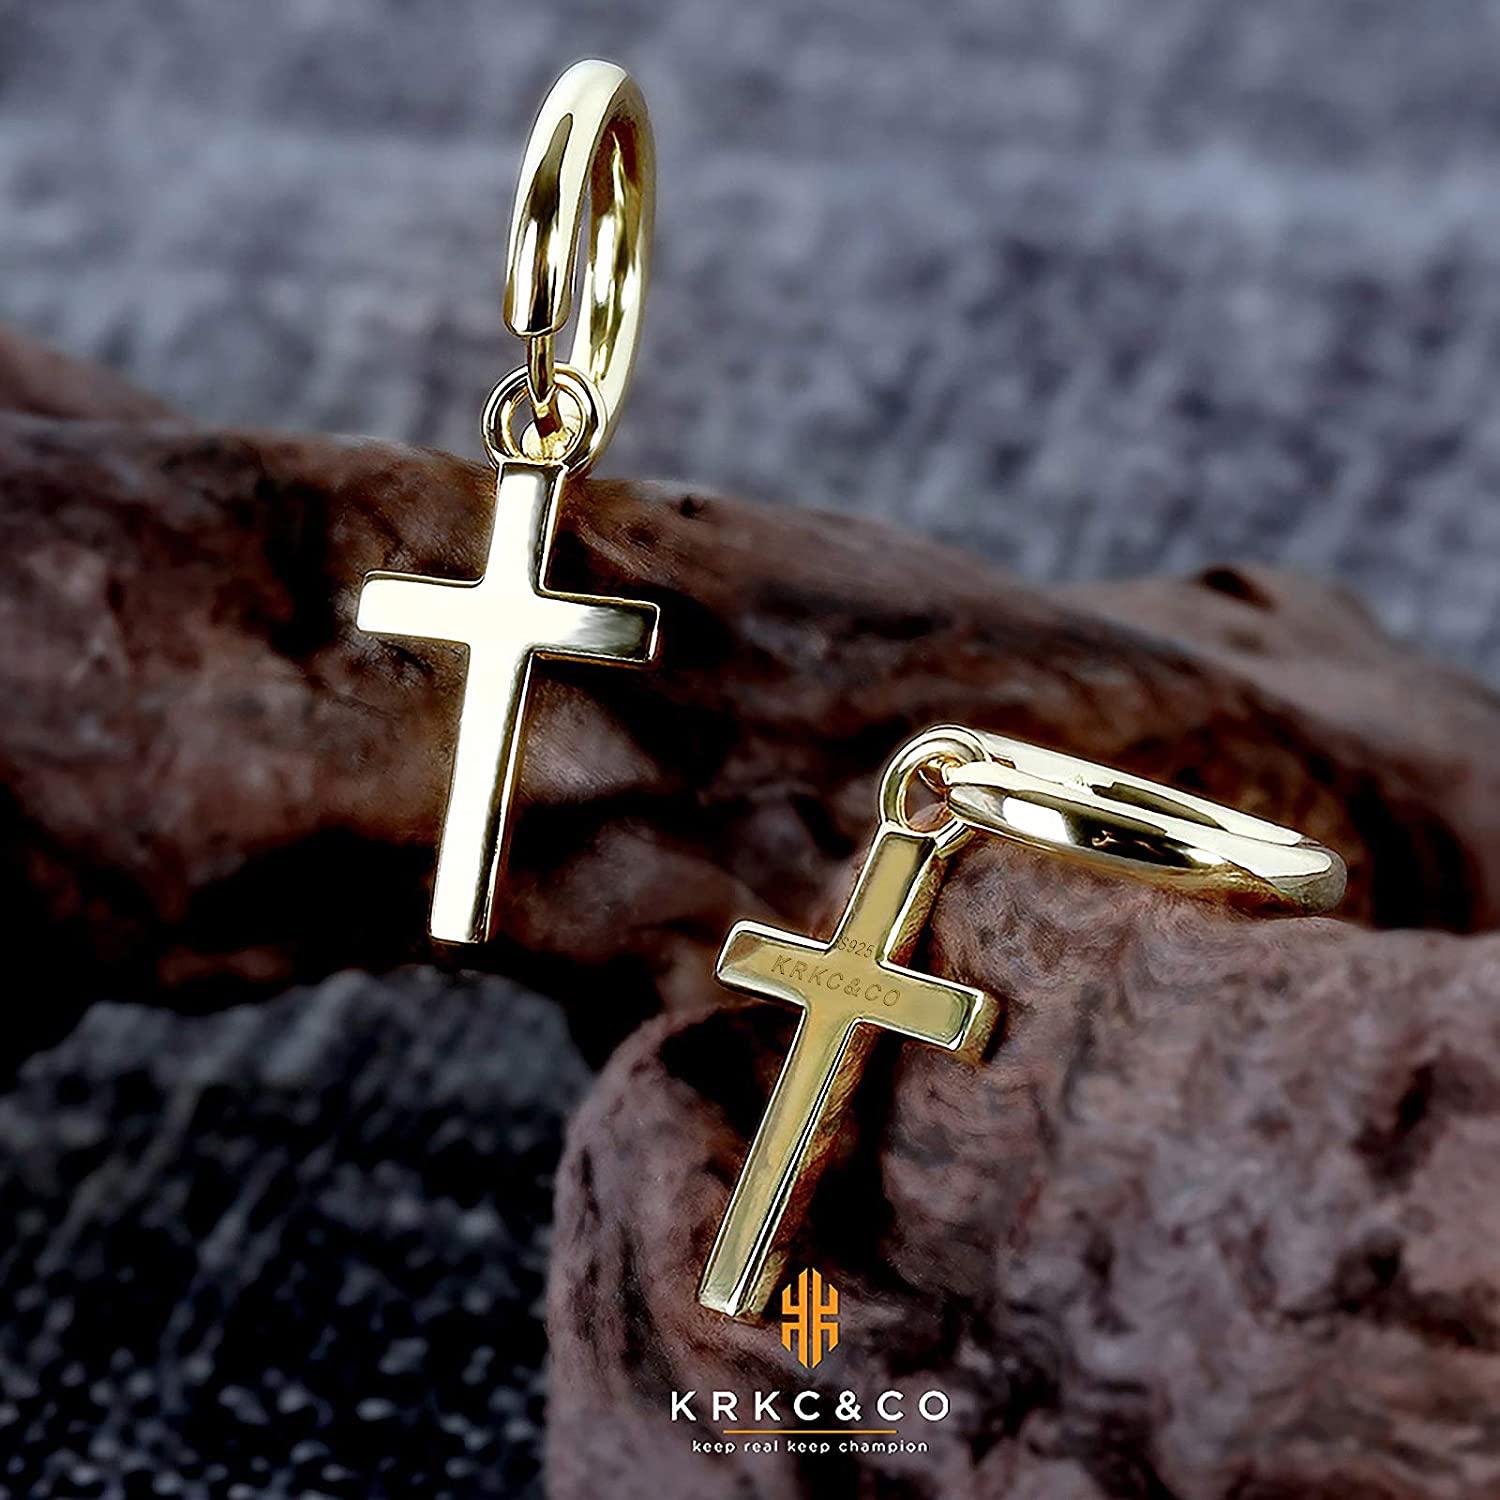 KRKC&CO Gold Hoop Earrings for Men, Sterling Silver Cross Earrings